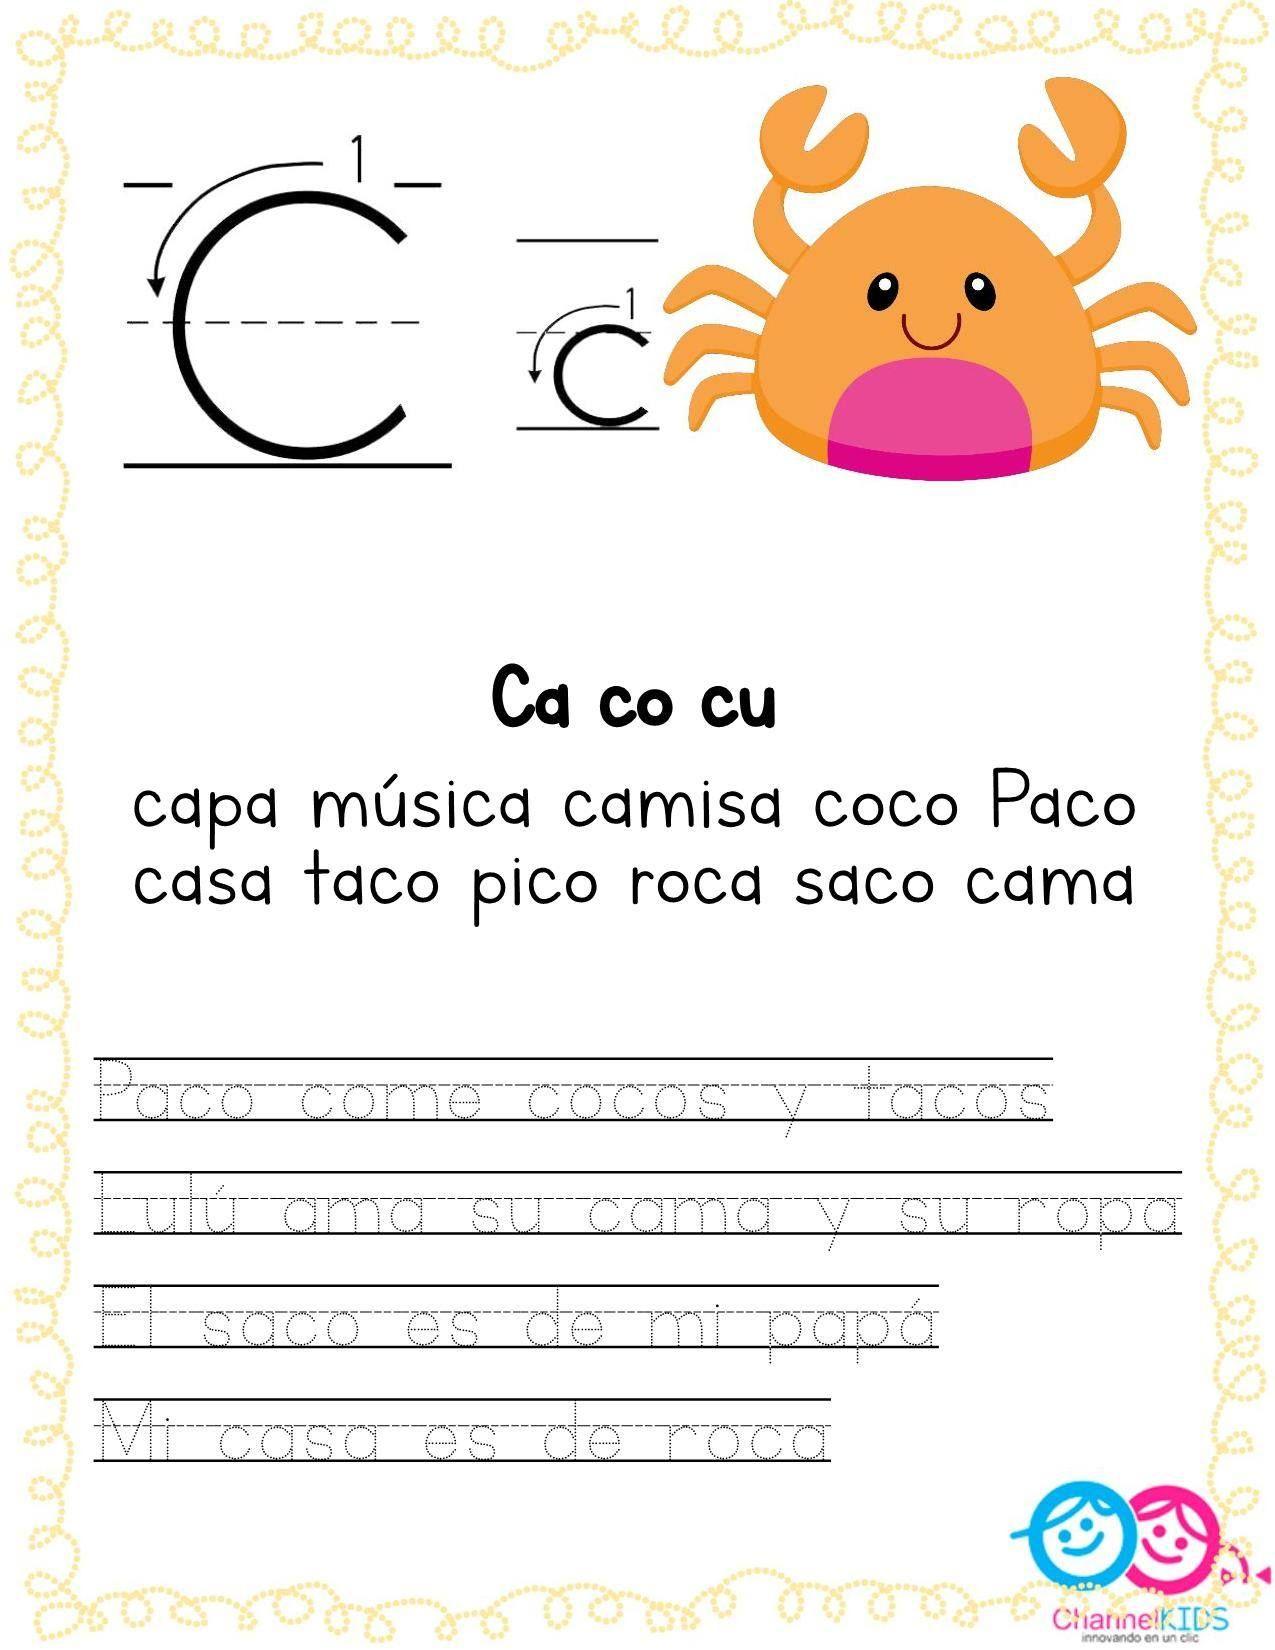 Cuaderno de lectura para descargar en pdf (9) - Imagenes Educativas